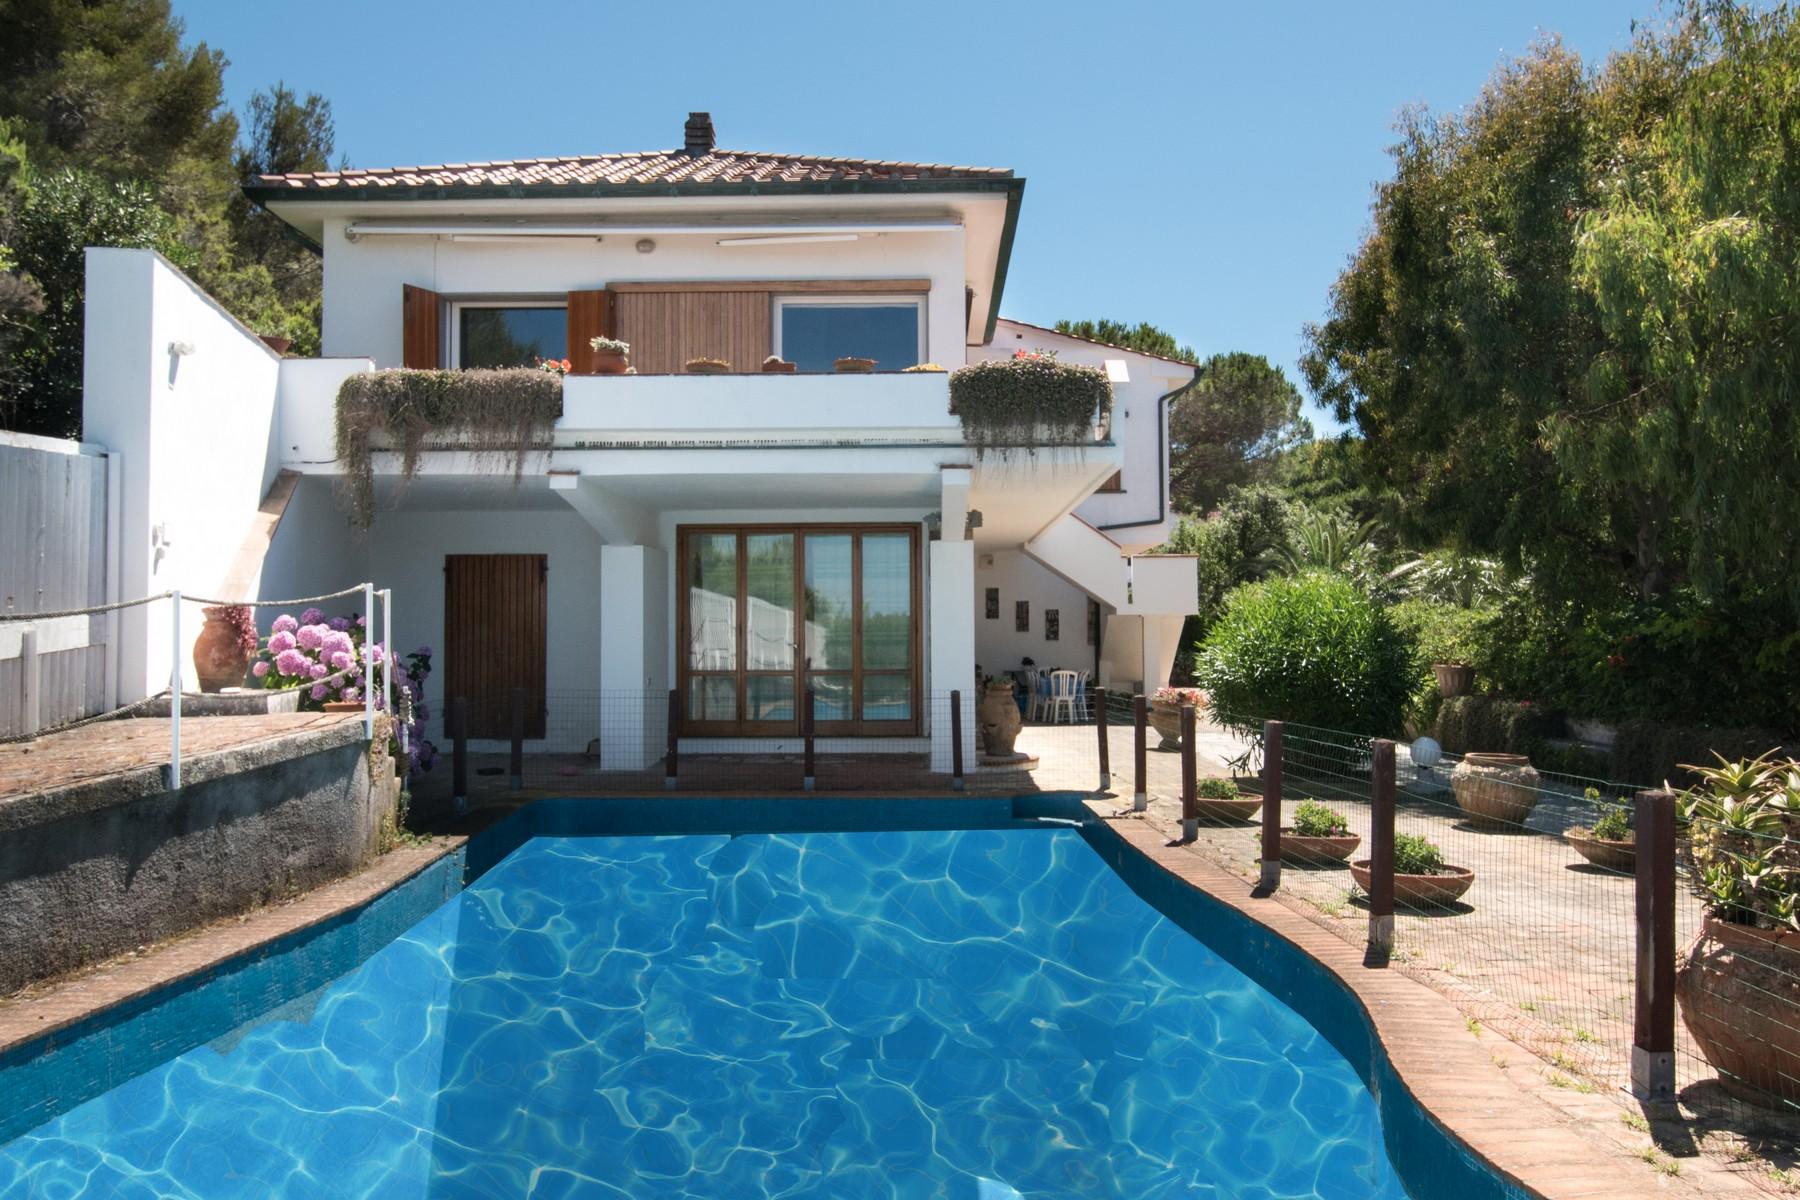 Villa in Vendita a Portoferraio: 5 locali, 300 mq - Foto 8